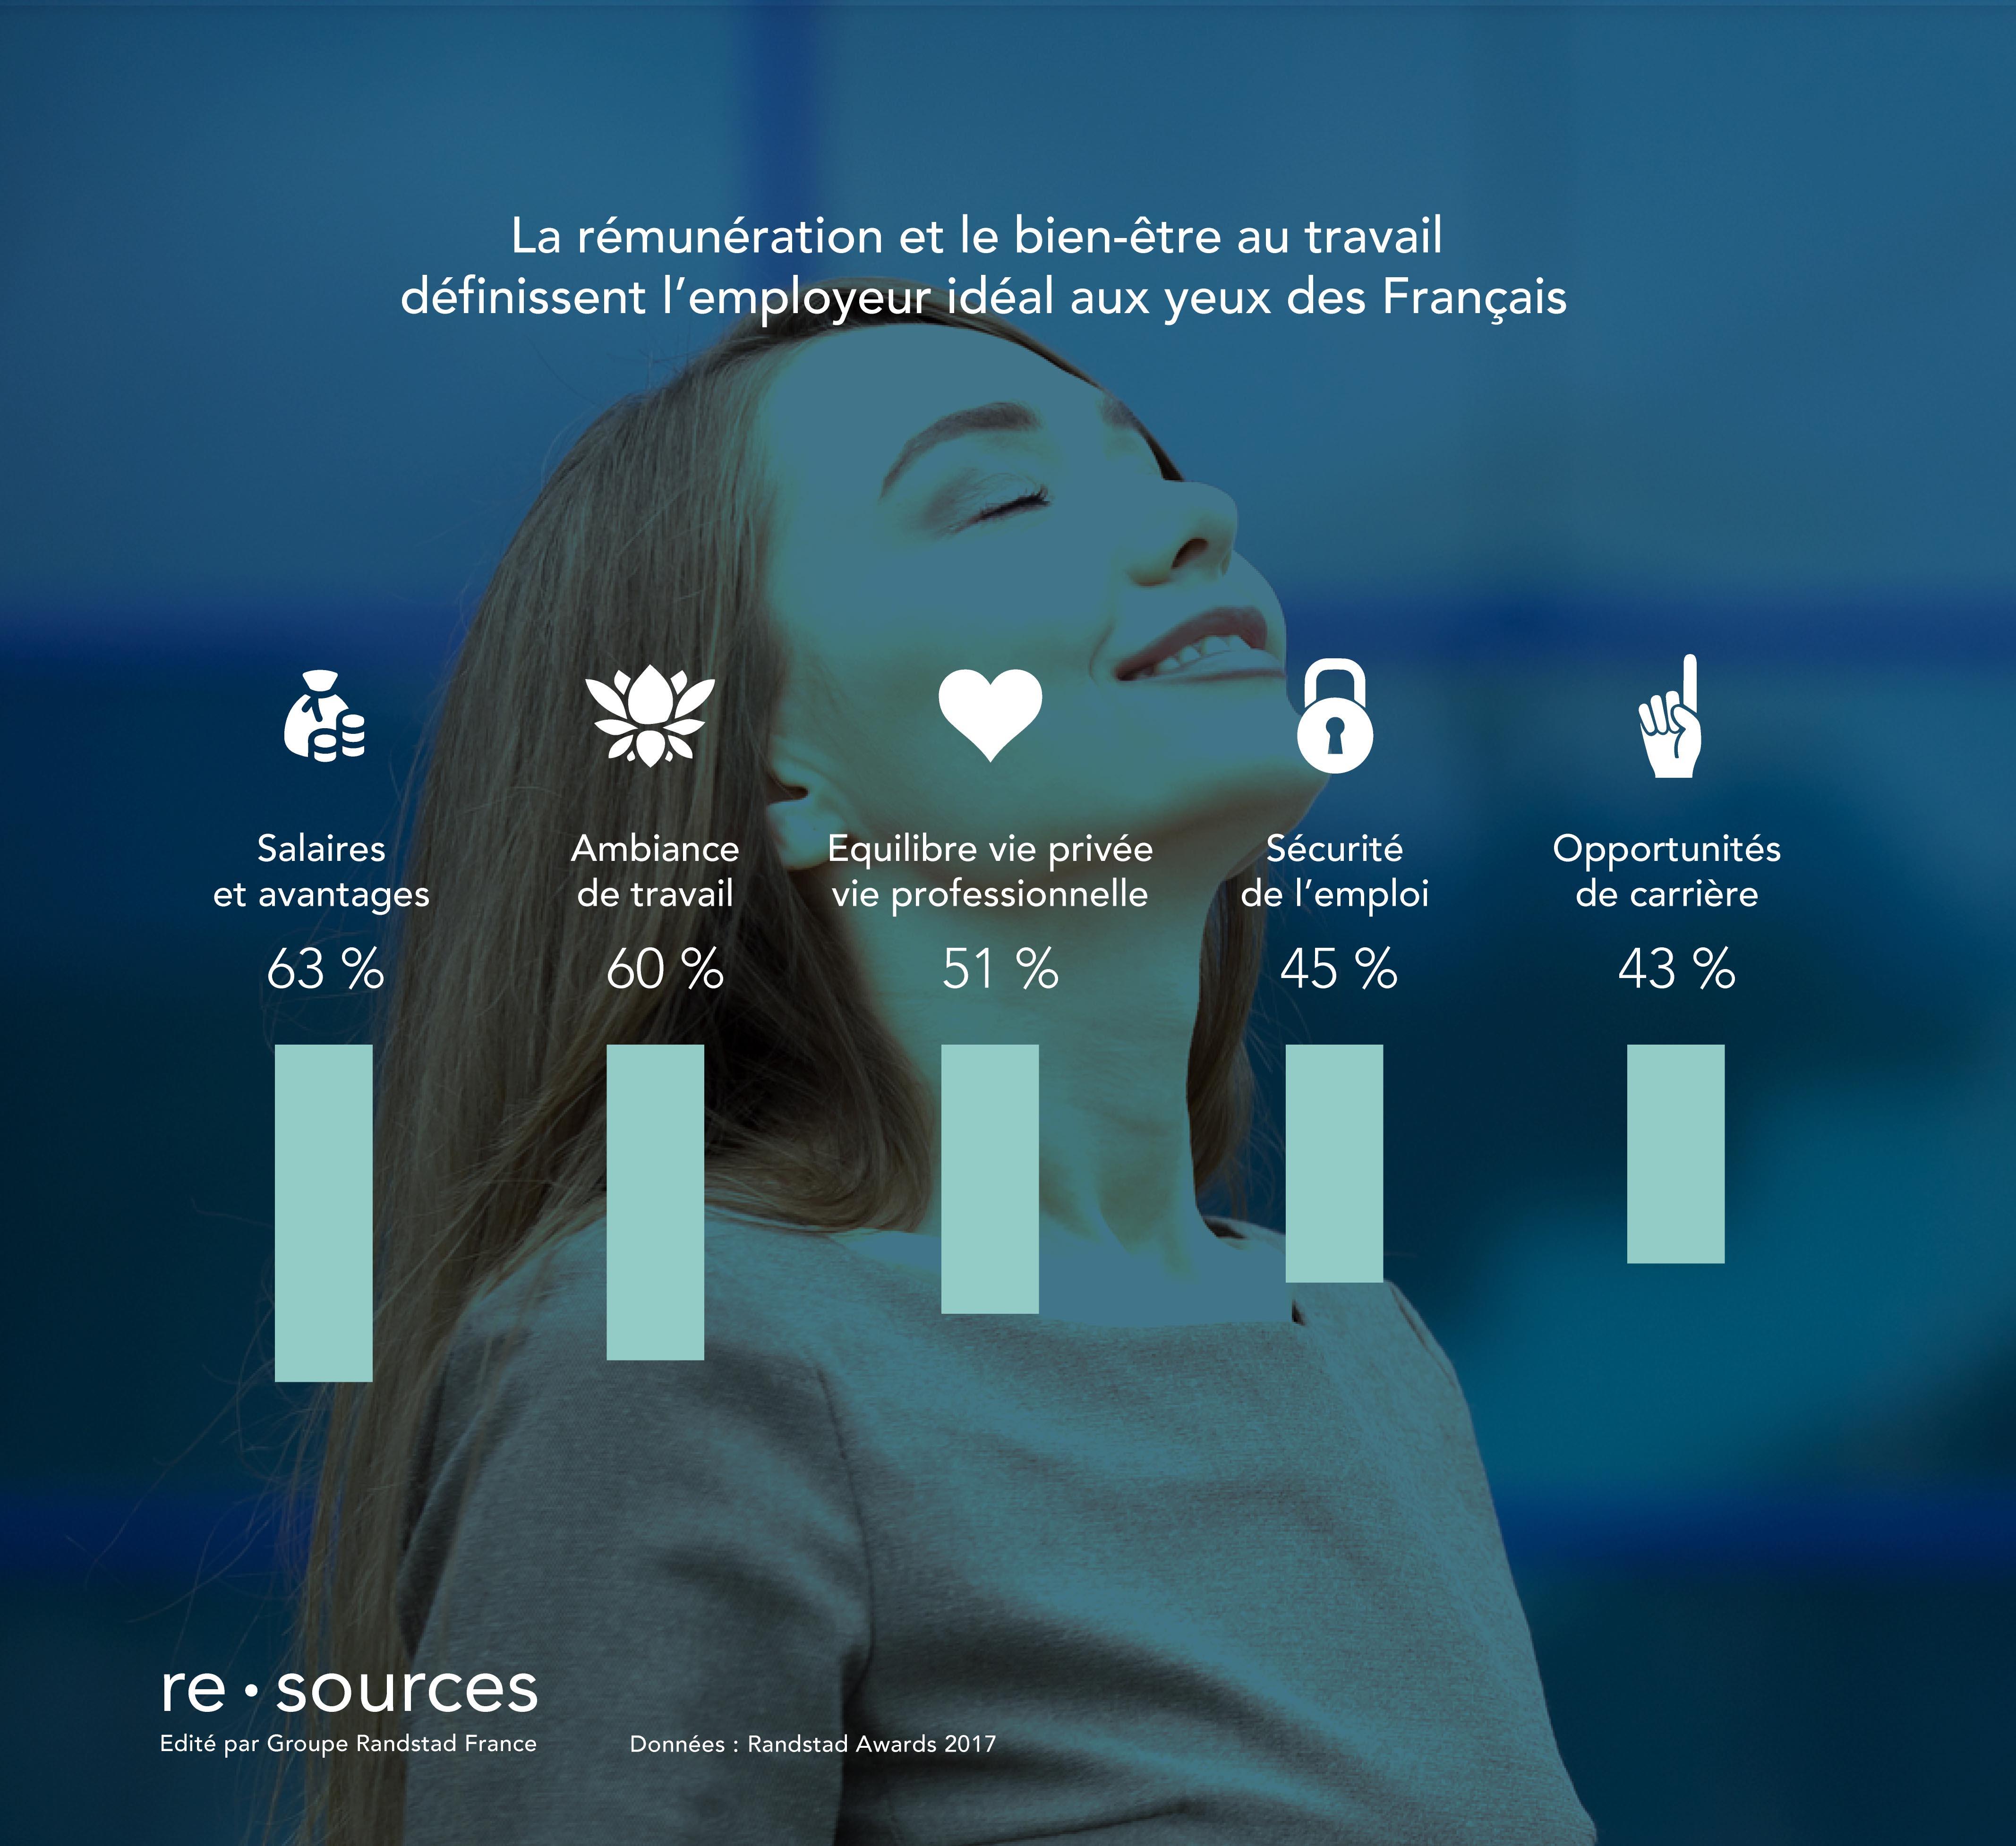 re.sources_motivation_professionnelle_image